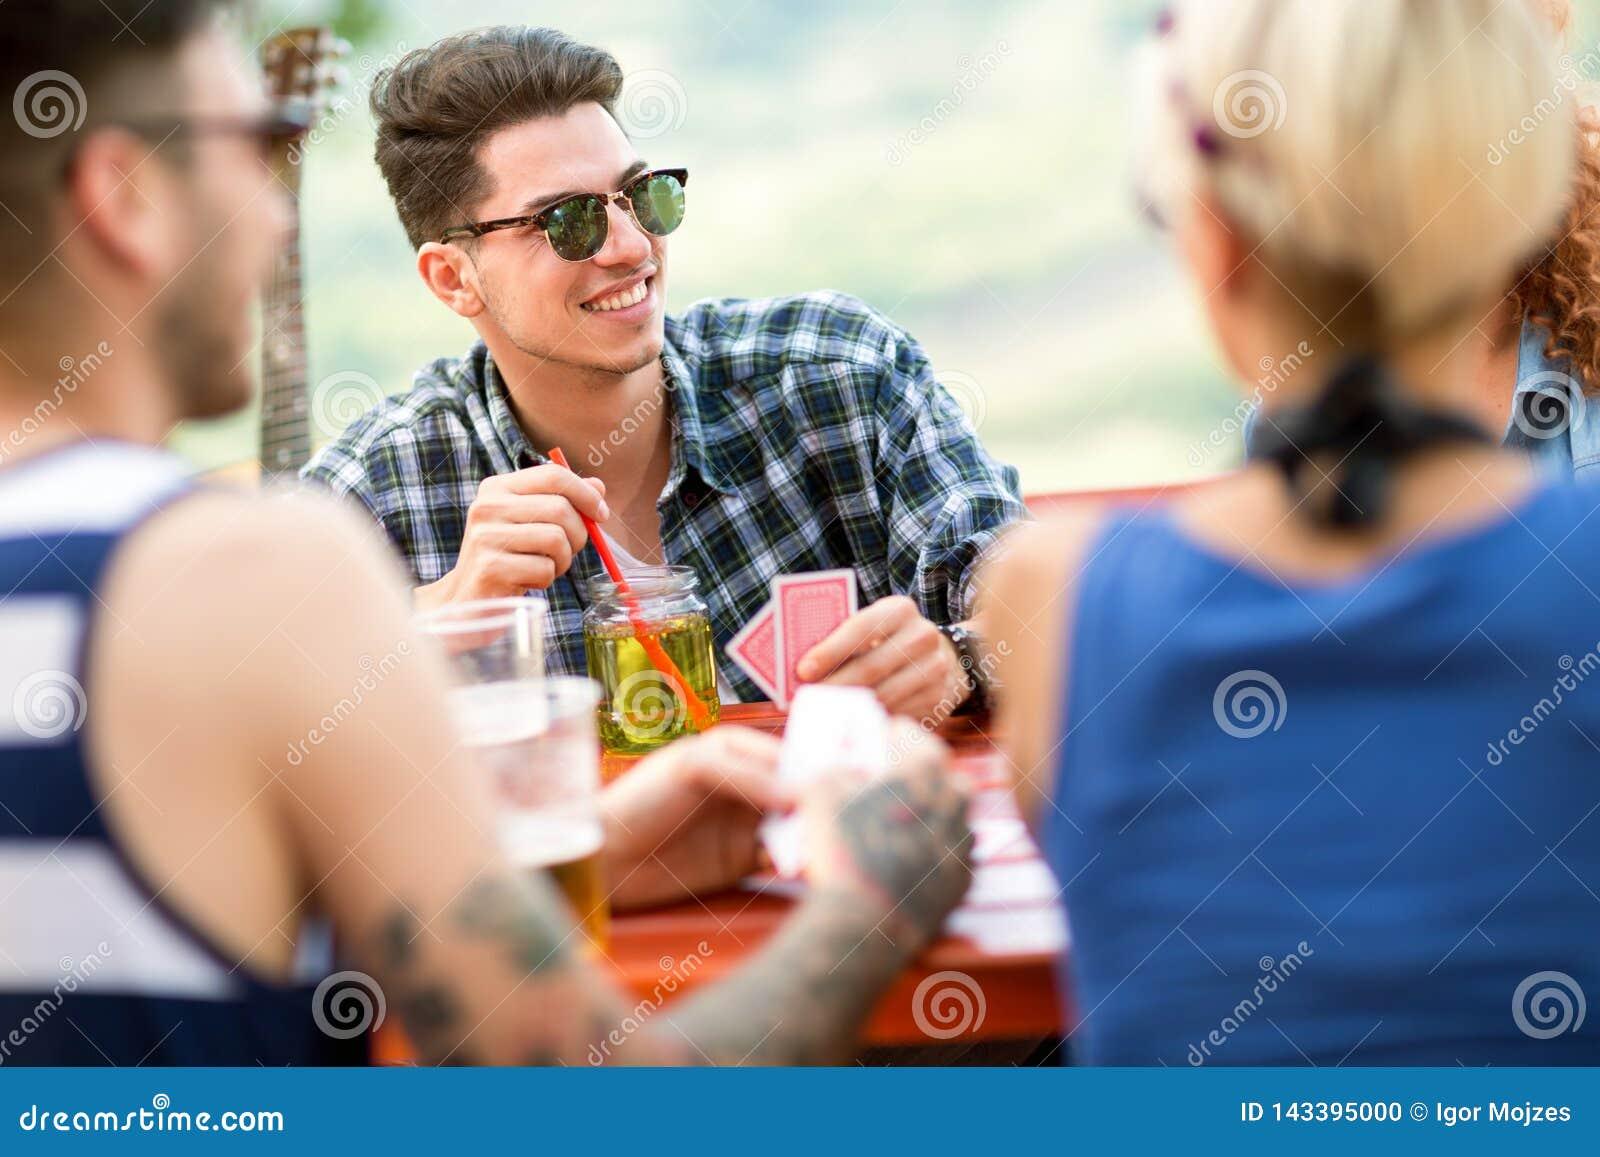 Парни играют в карты играть карты двойки